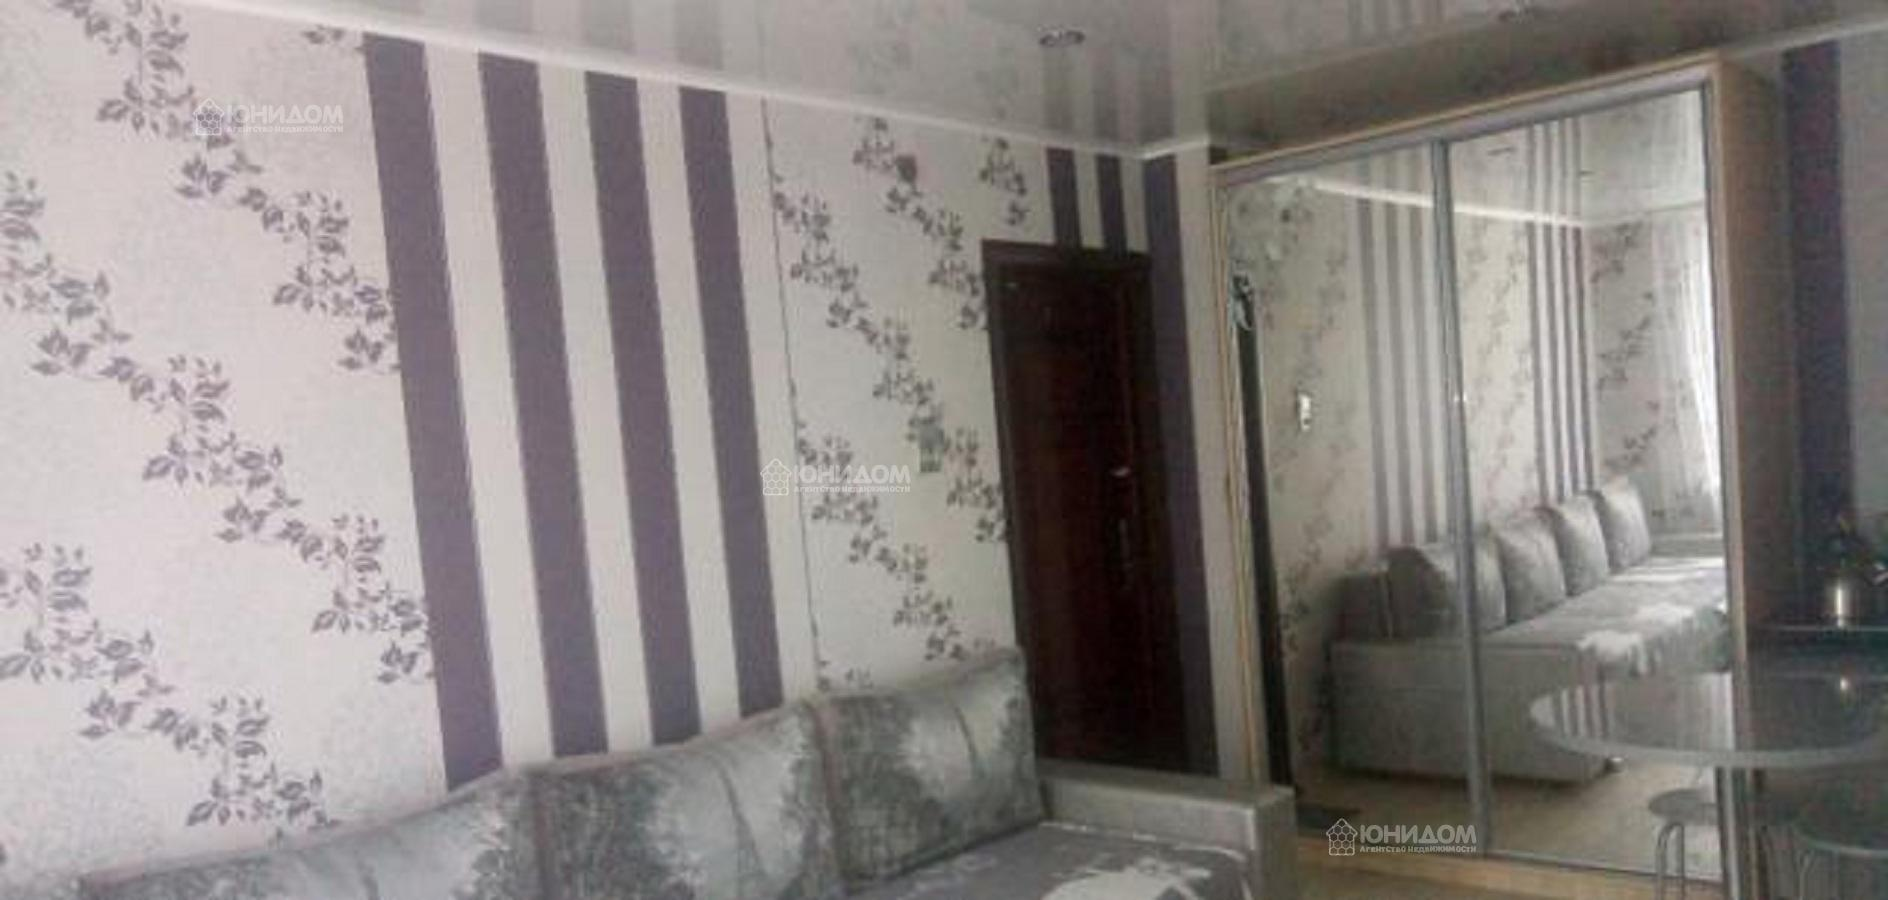 Продам инд по адресу Россия, Тюменская область, Тюмень, Волгоградская, 70 фото 0 по выгодной цене